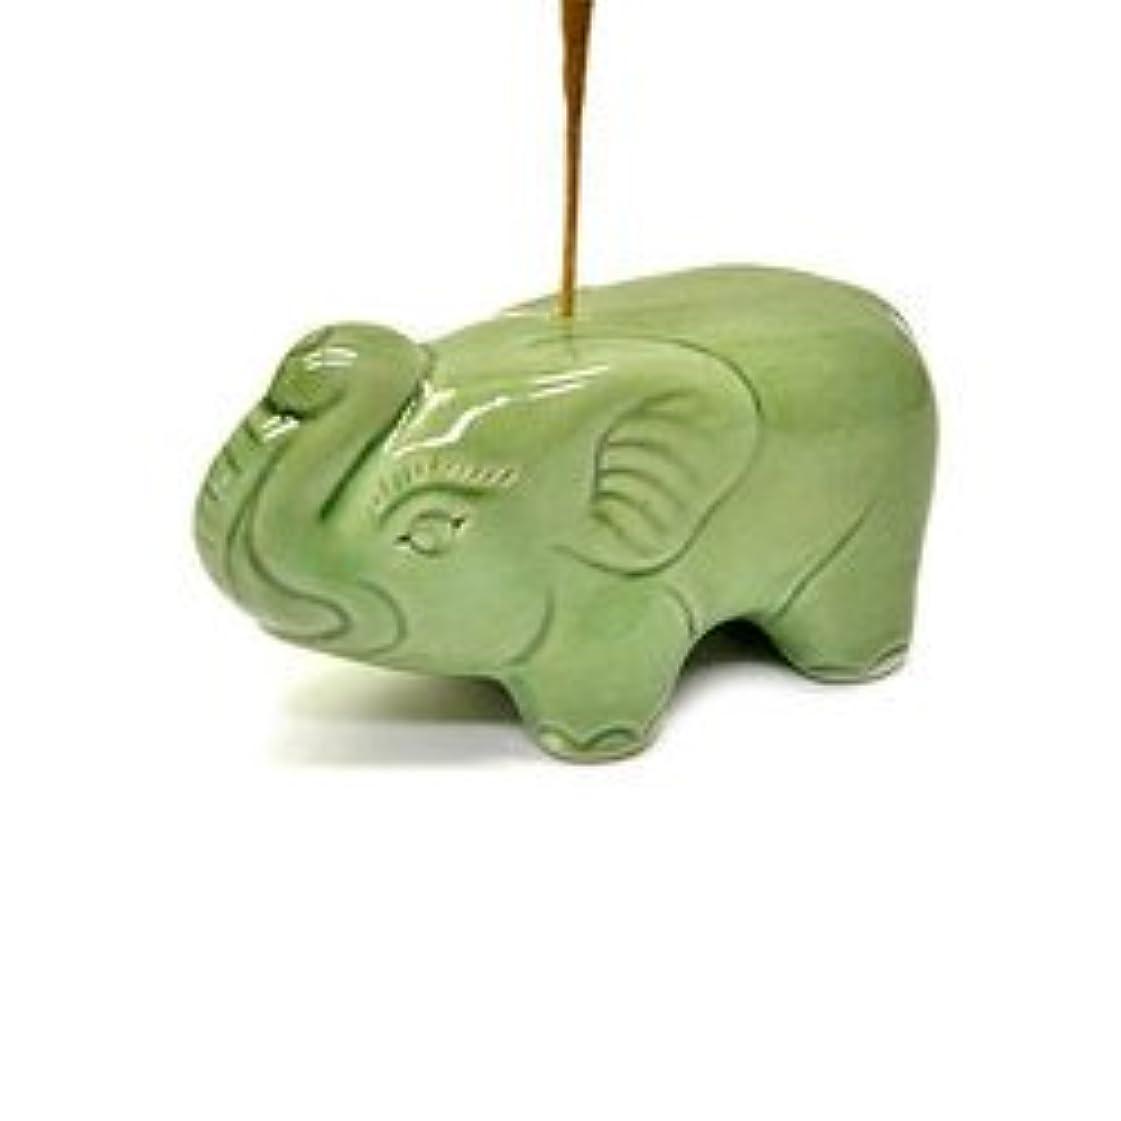 象さんのお香立て <緑> インセンスホルダー/スティックタイプ用お香立て?お香たて アジアン雑貨